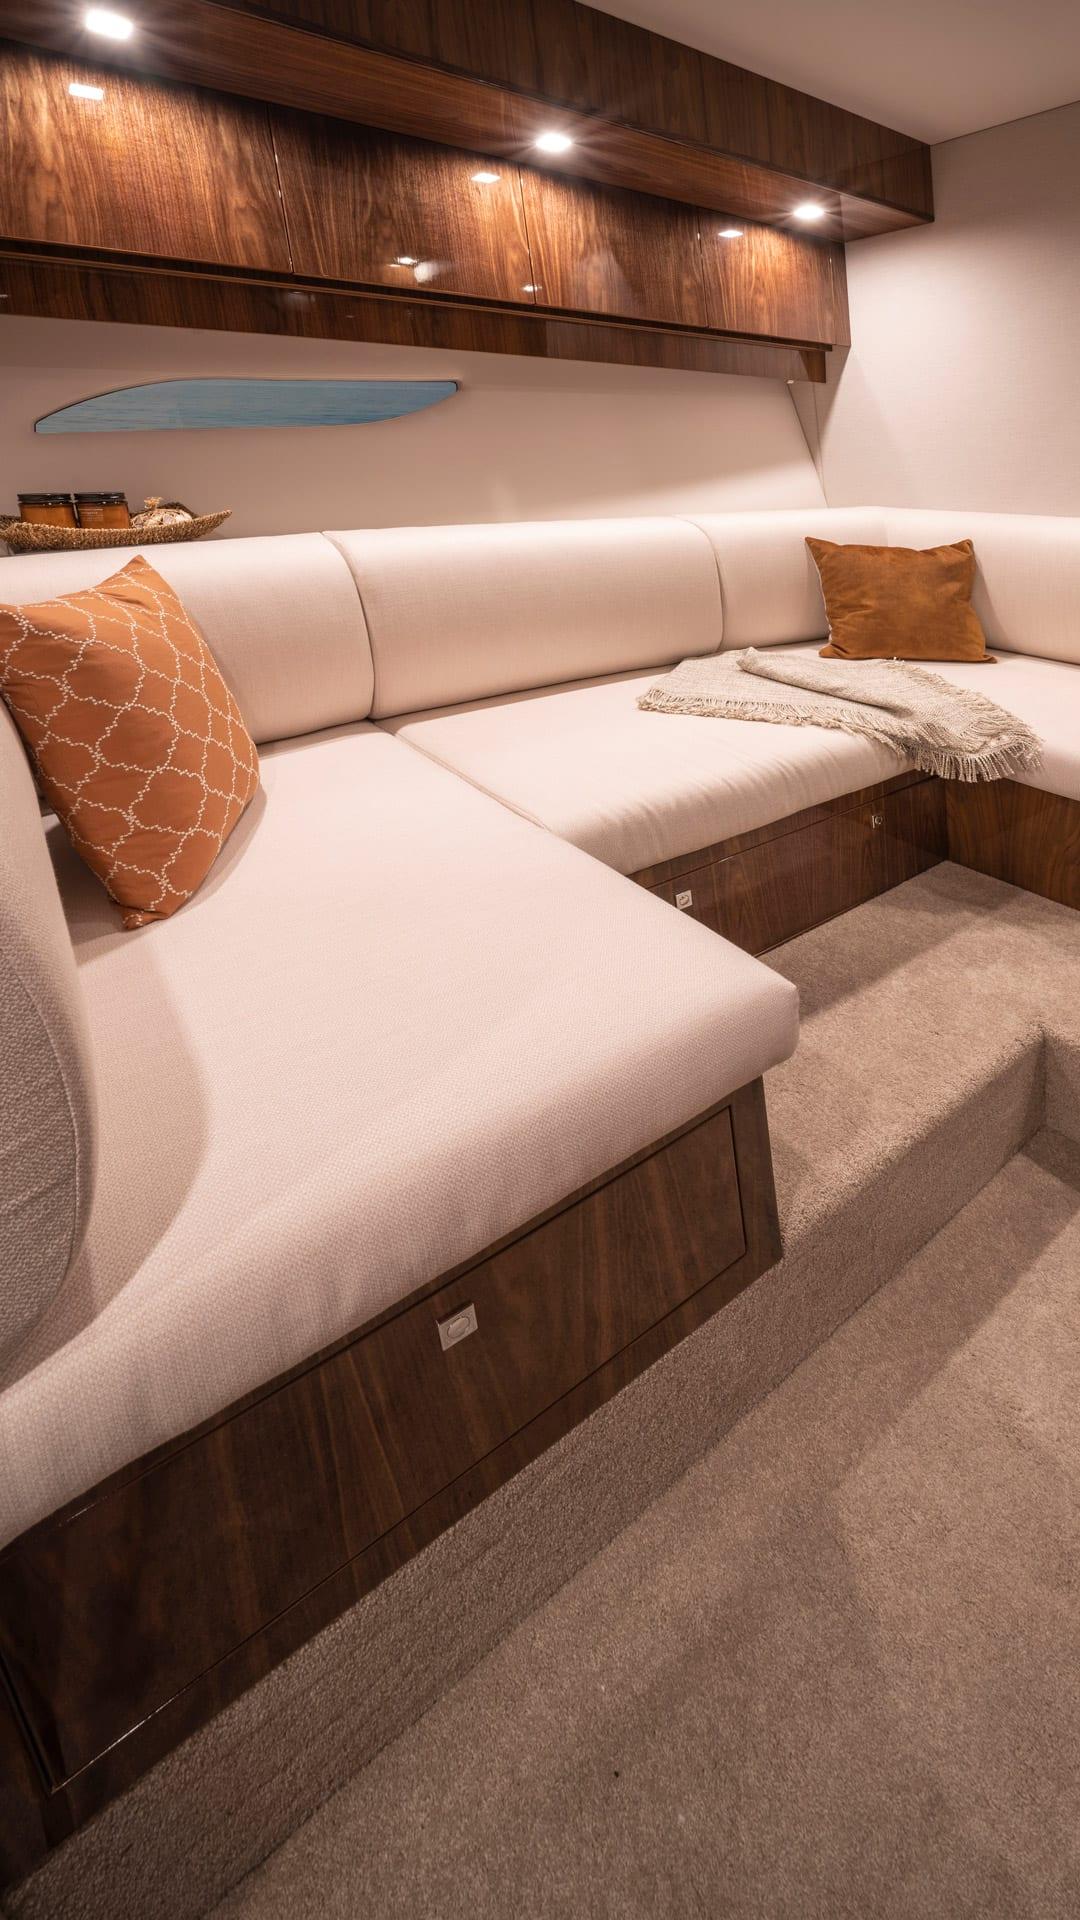 Riviera 6000 Sport Yacht Platinum Edition Lower Lounge 01 – Gloss Walnut Timber Finish